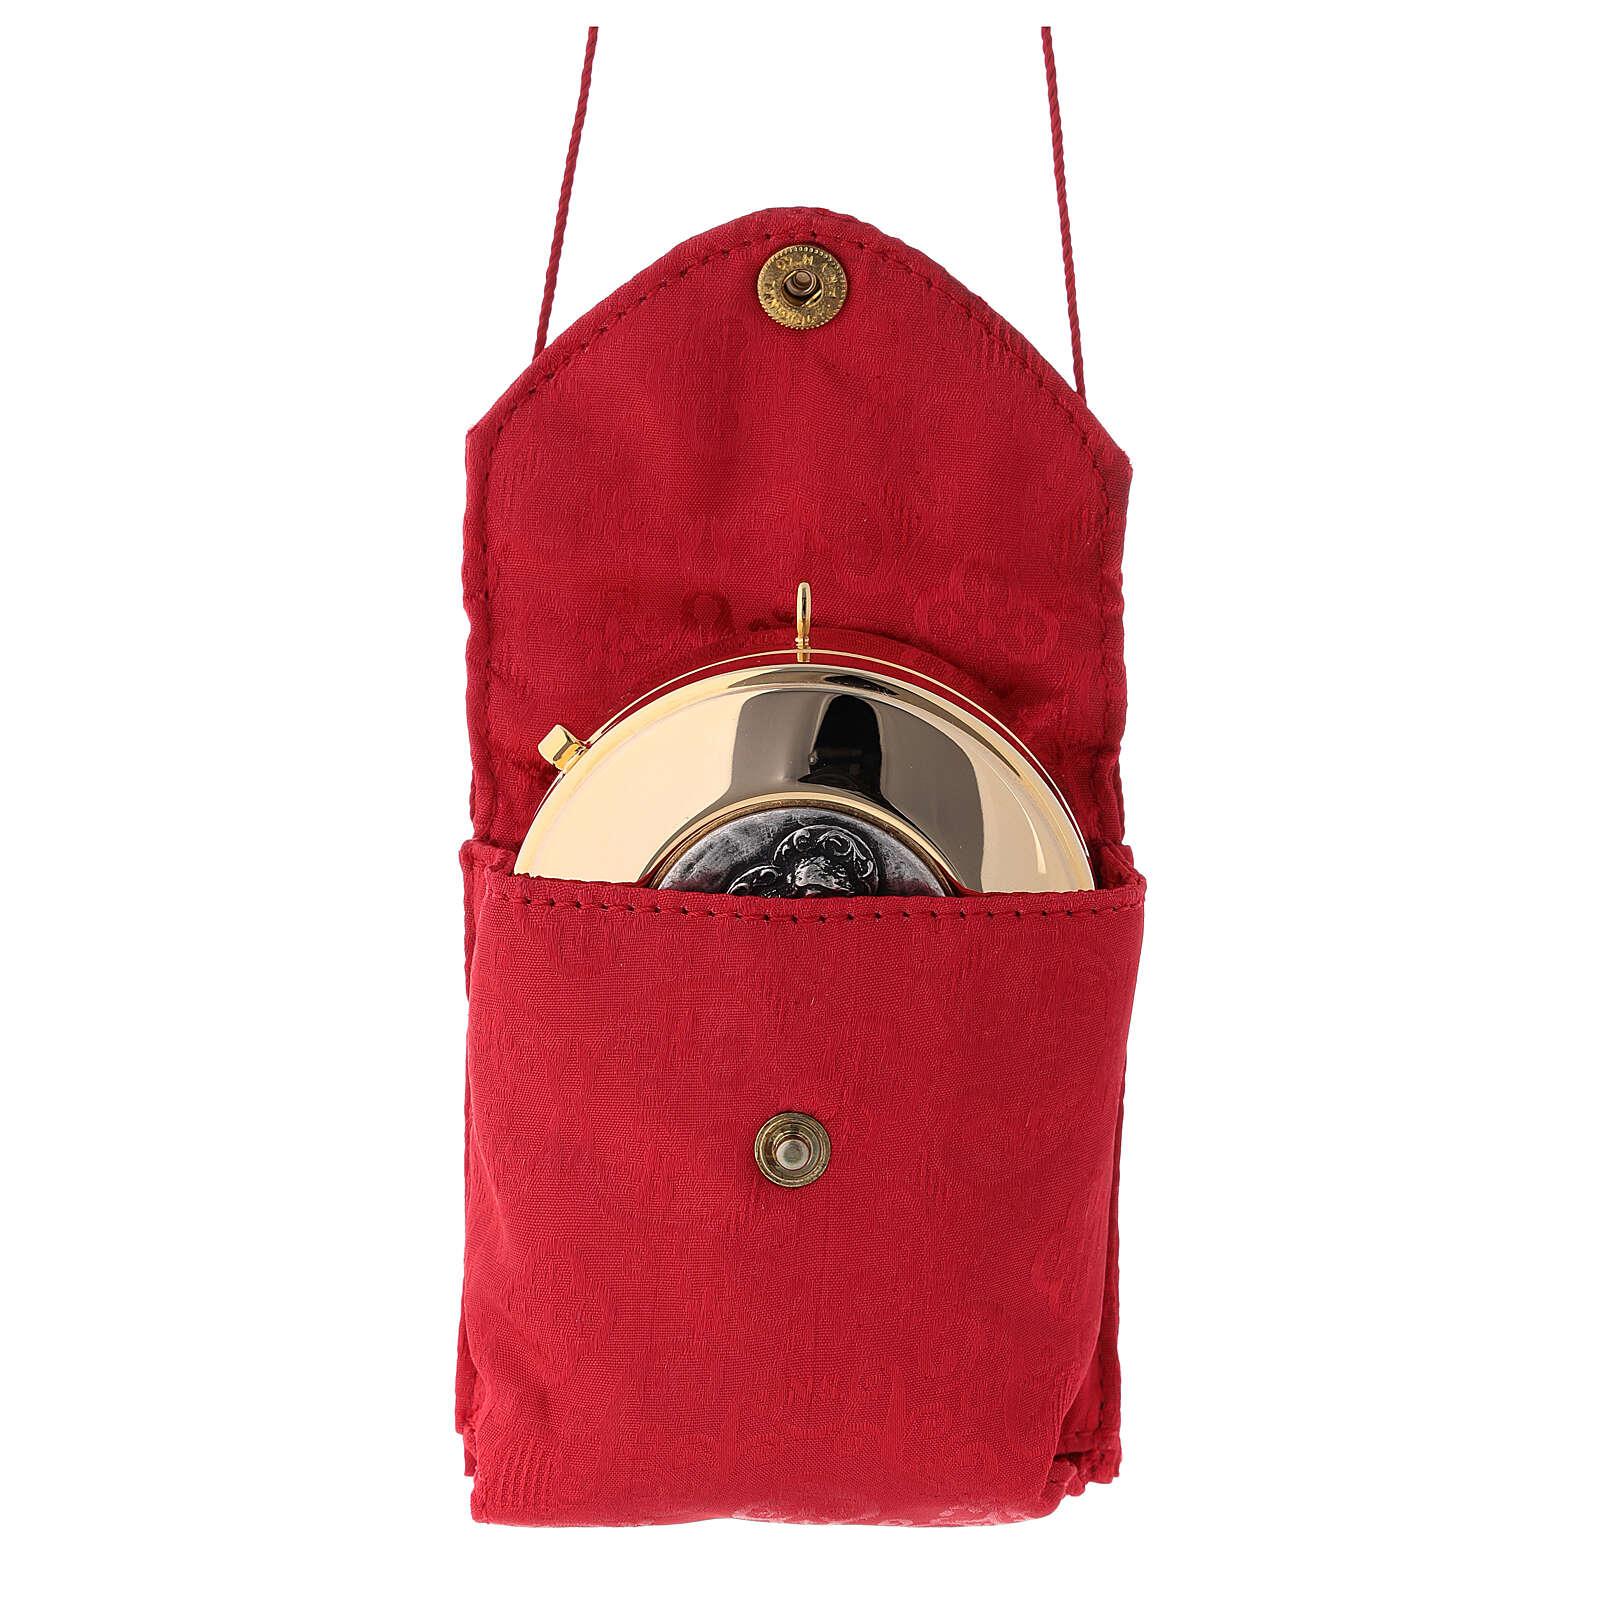 Astuccio jacquard rosso teca portaostie ottone dorato Sacra Famiglia 3